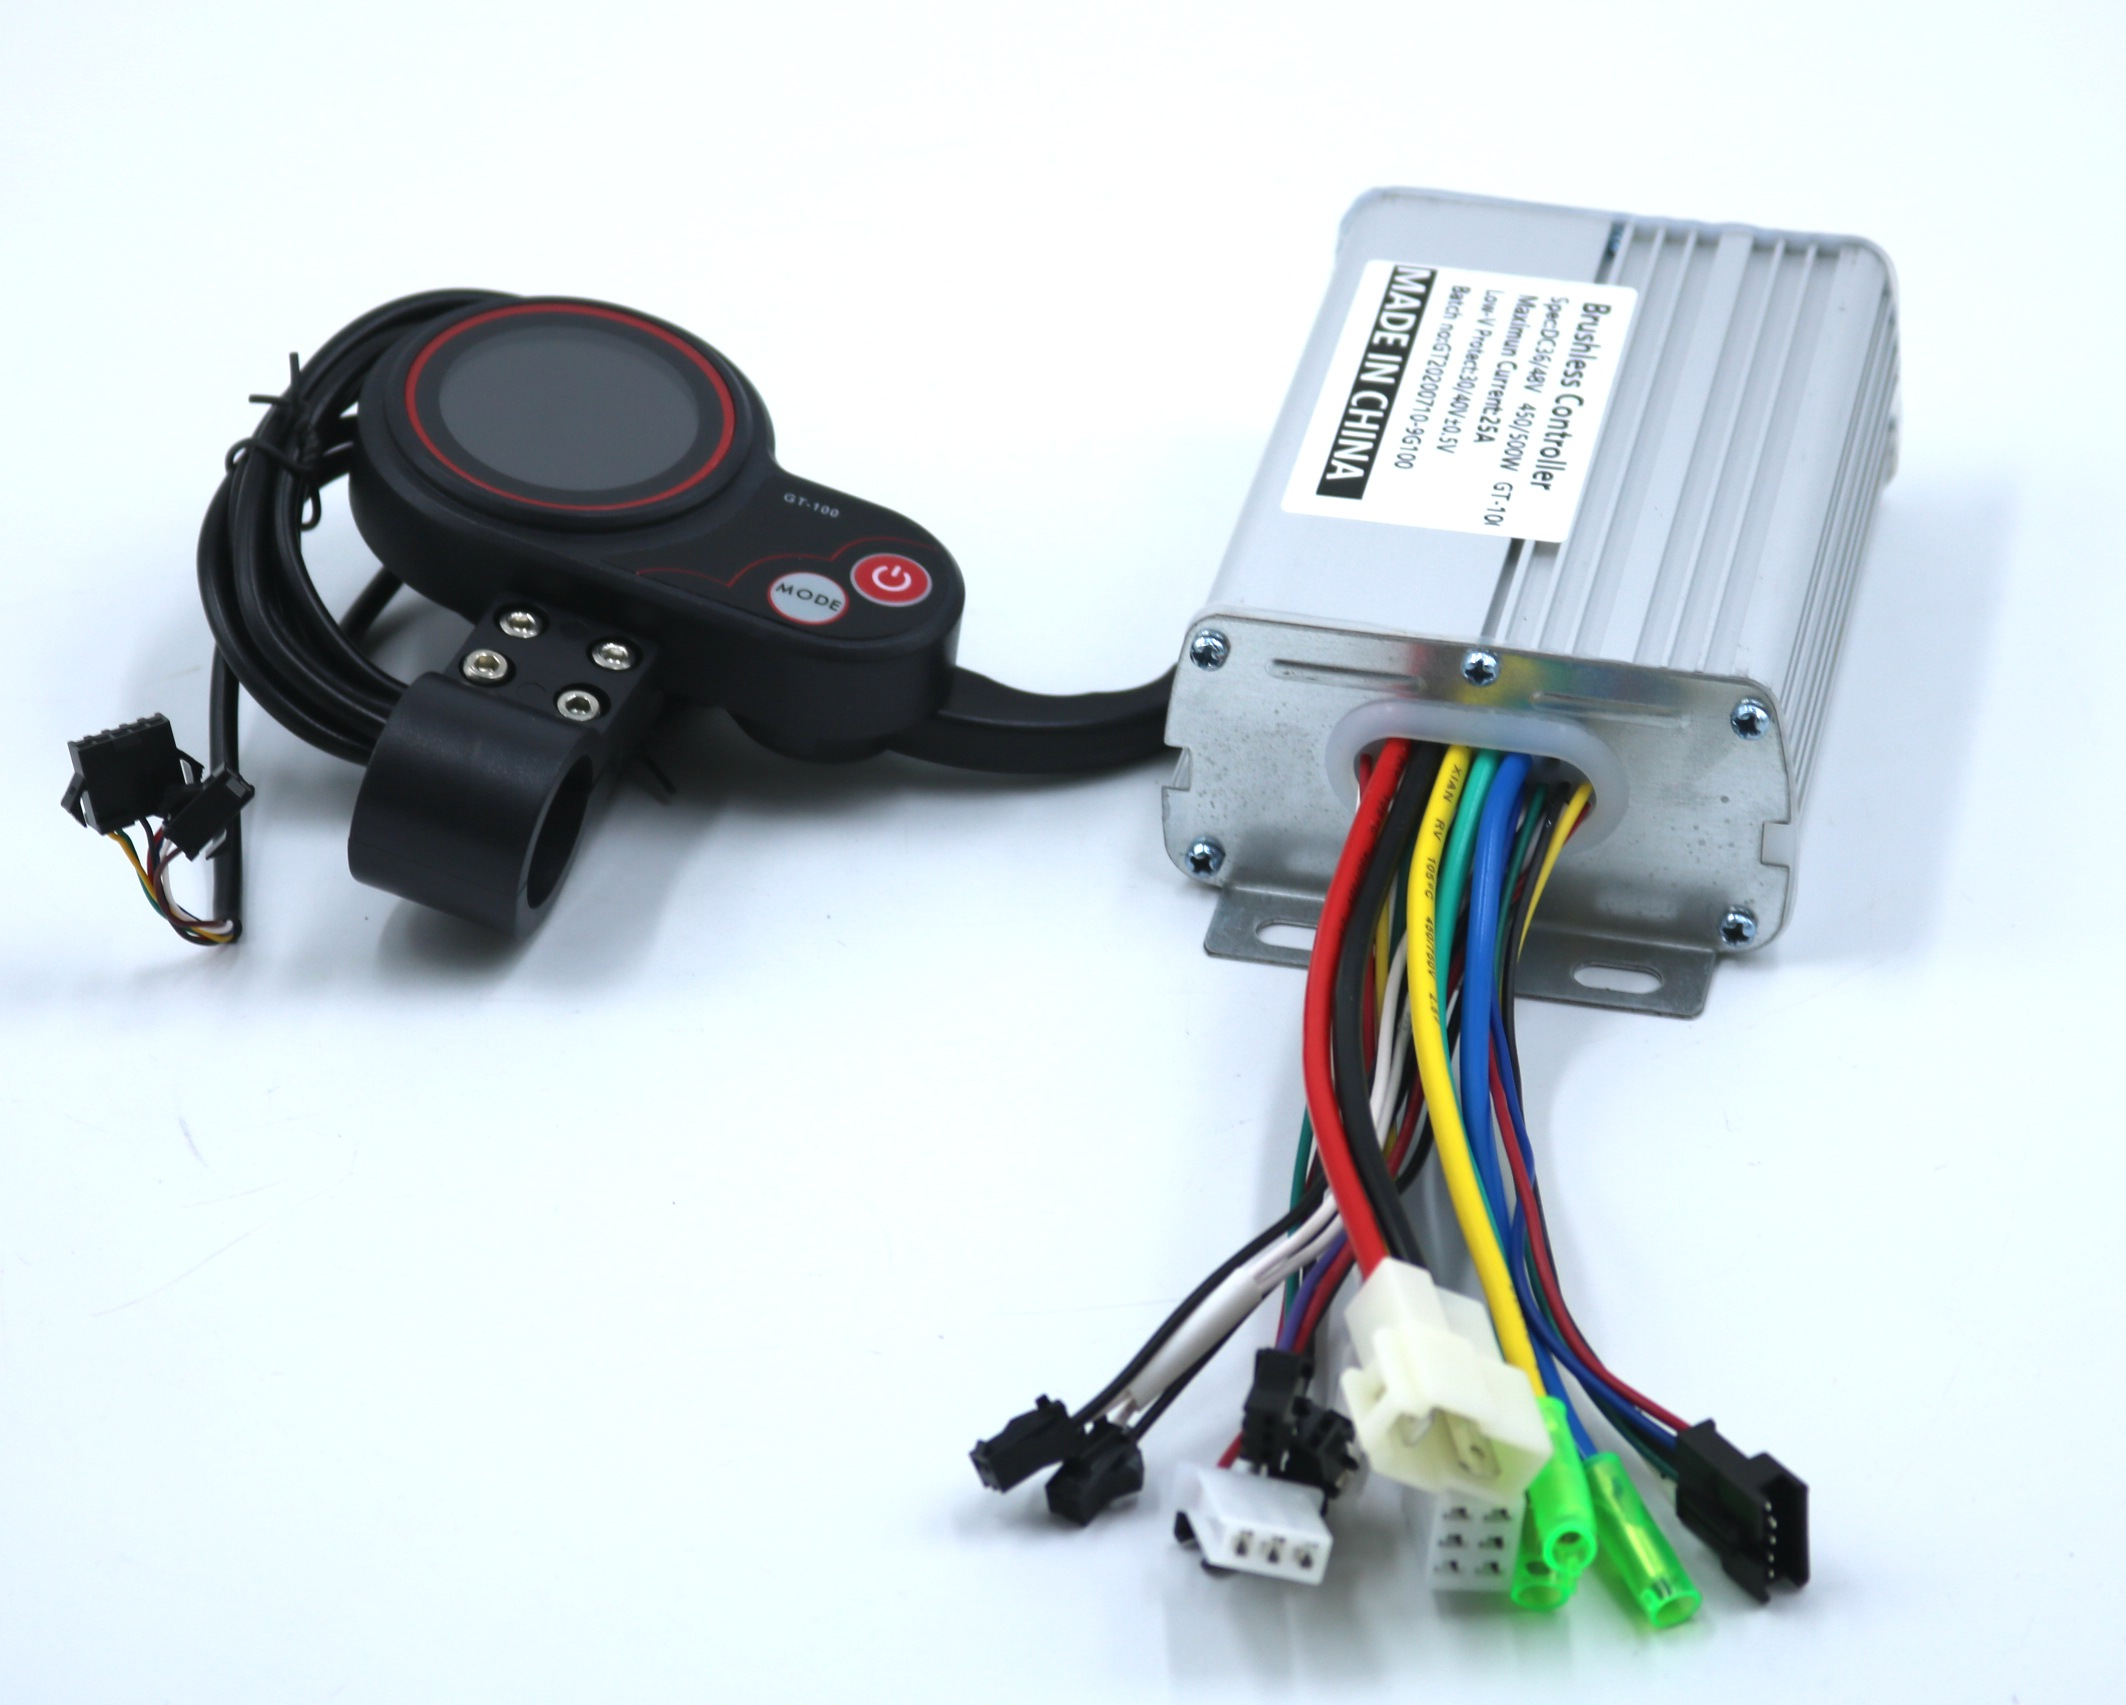 GREENTIME 36V/48V/52V/60V 500W 25A BLDC elektryczny kontroler skutera e-bike bezszczotkowy sterownik i inteligentny wyświetlacz LCD jeden zestaw